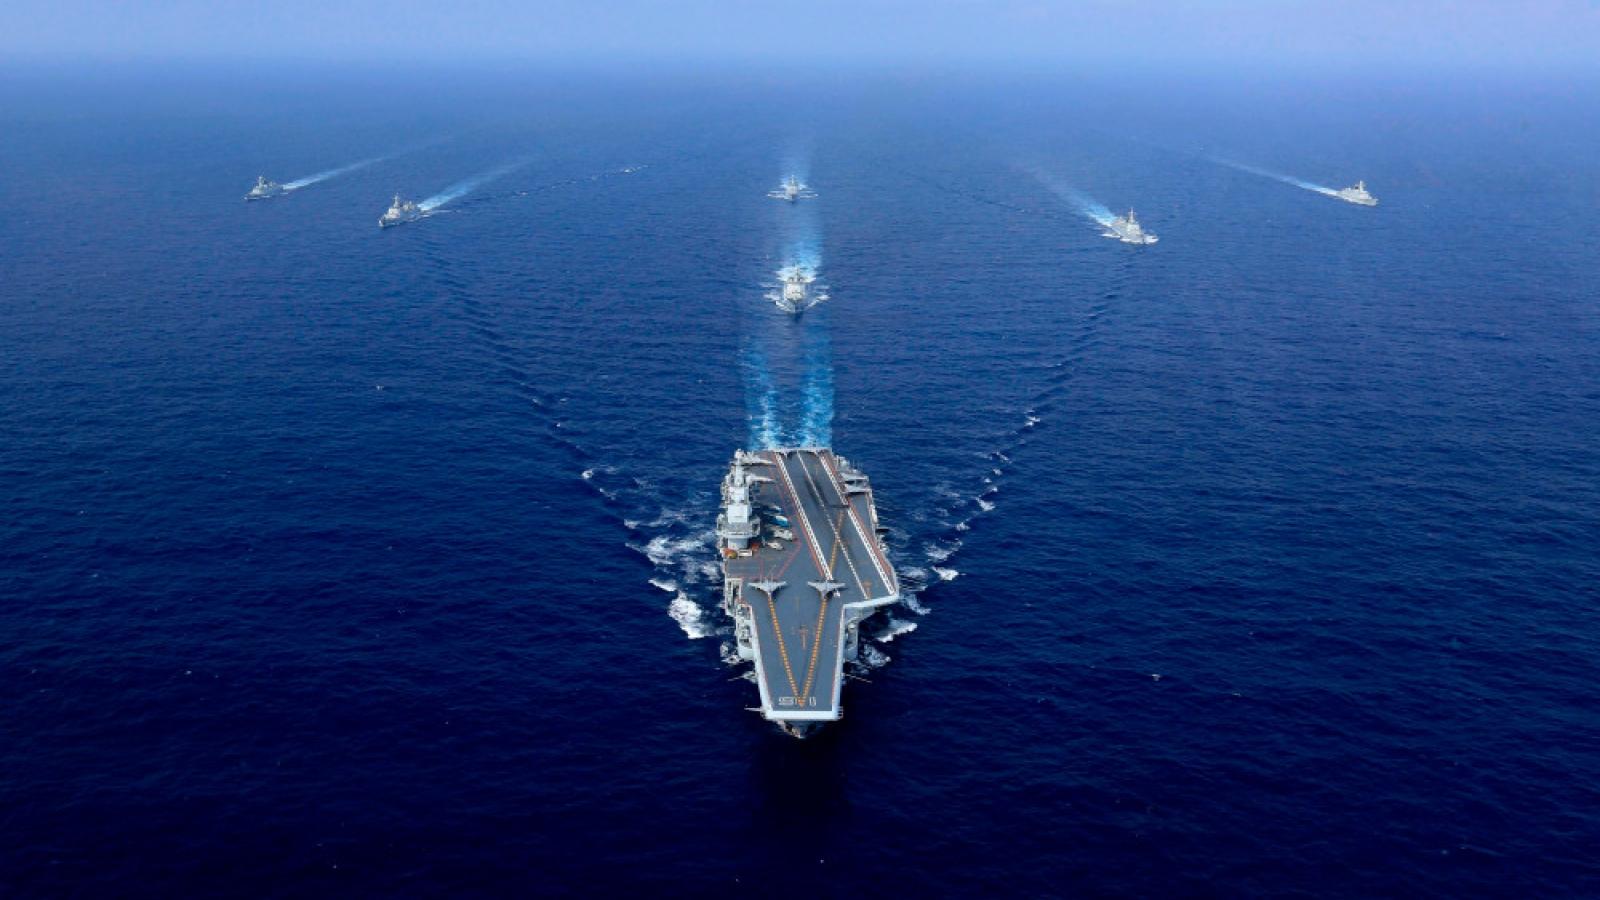 Mỹ tìm cách cản trở ý đồ của Trung Quốc săn tìm căn cứ khắp Ấn Độ Dương-Thái Bình Dương